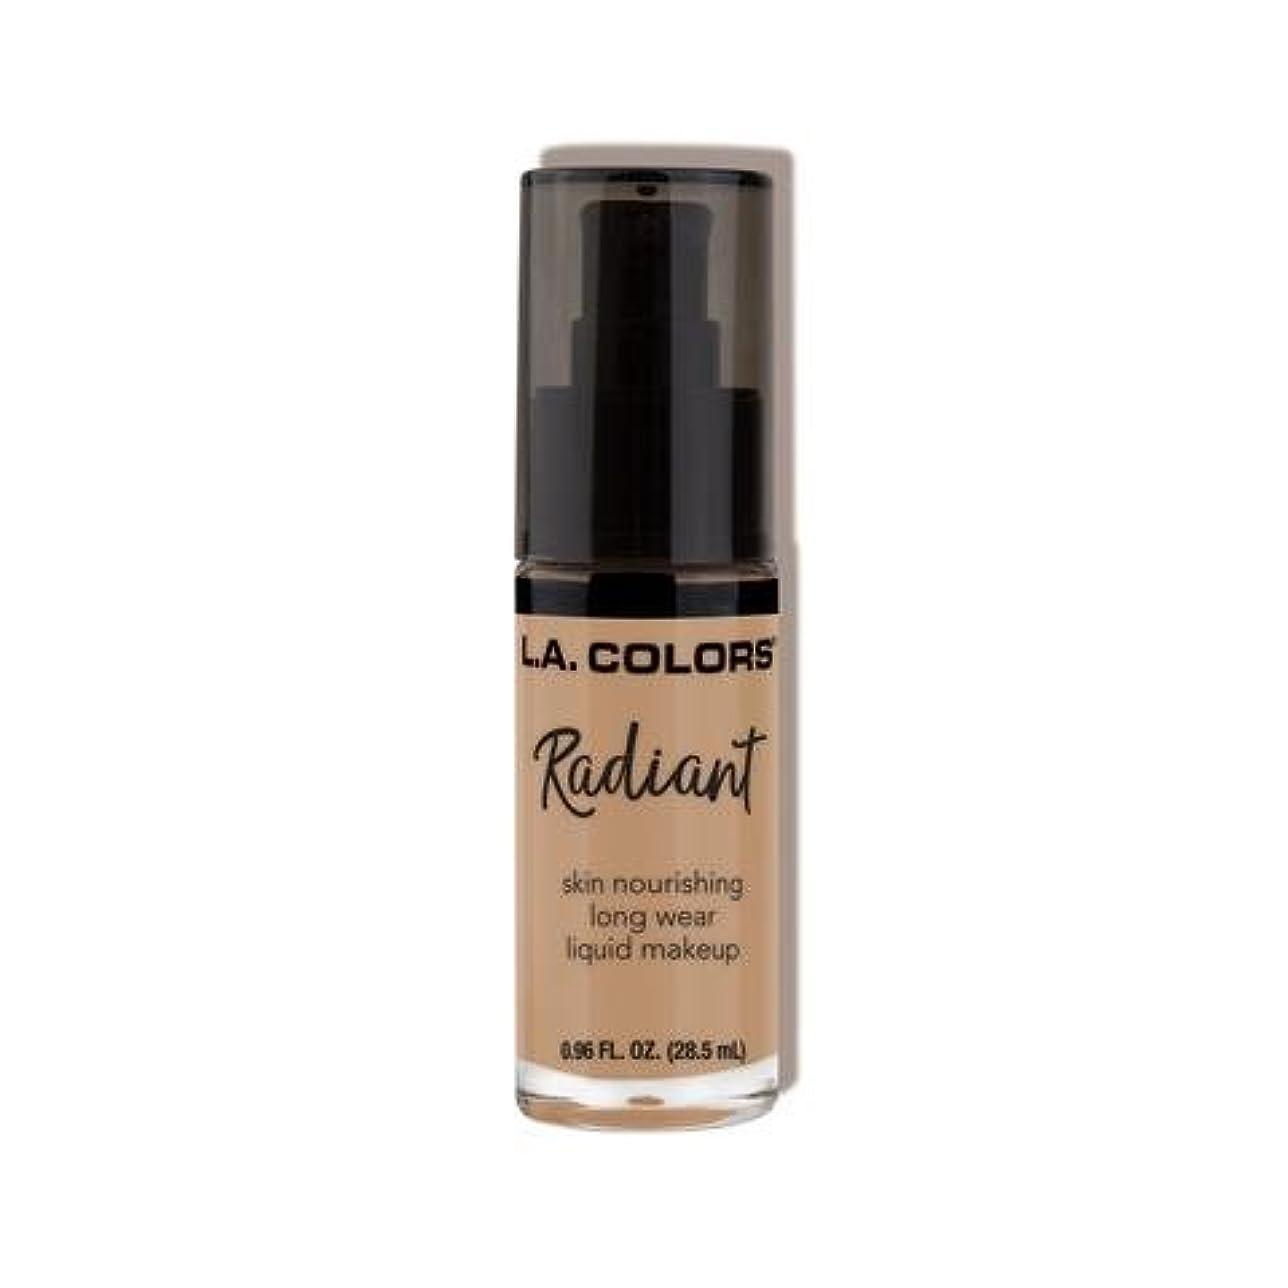 ヒロイン忠実にシュート(6 Pack) L.A. COLORS Radiant Liquid Makeup - Medium Beige (並行輸入品)